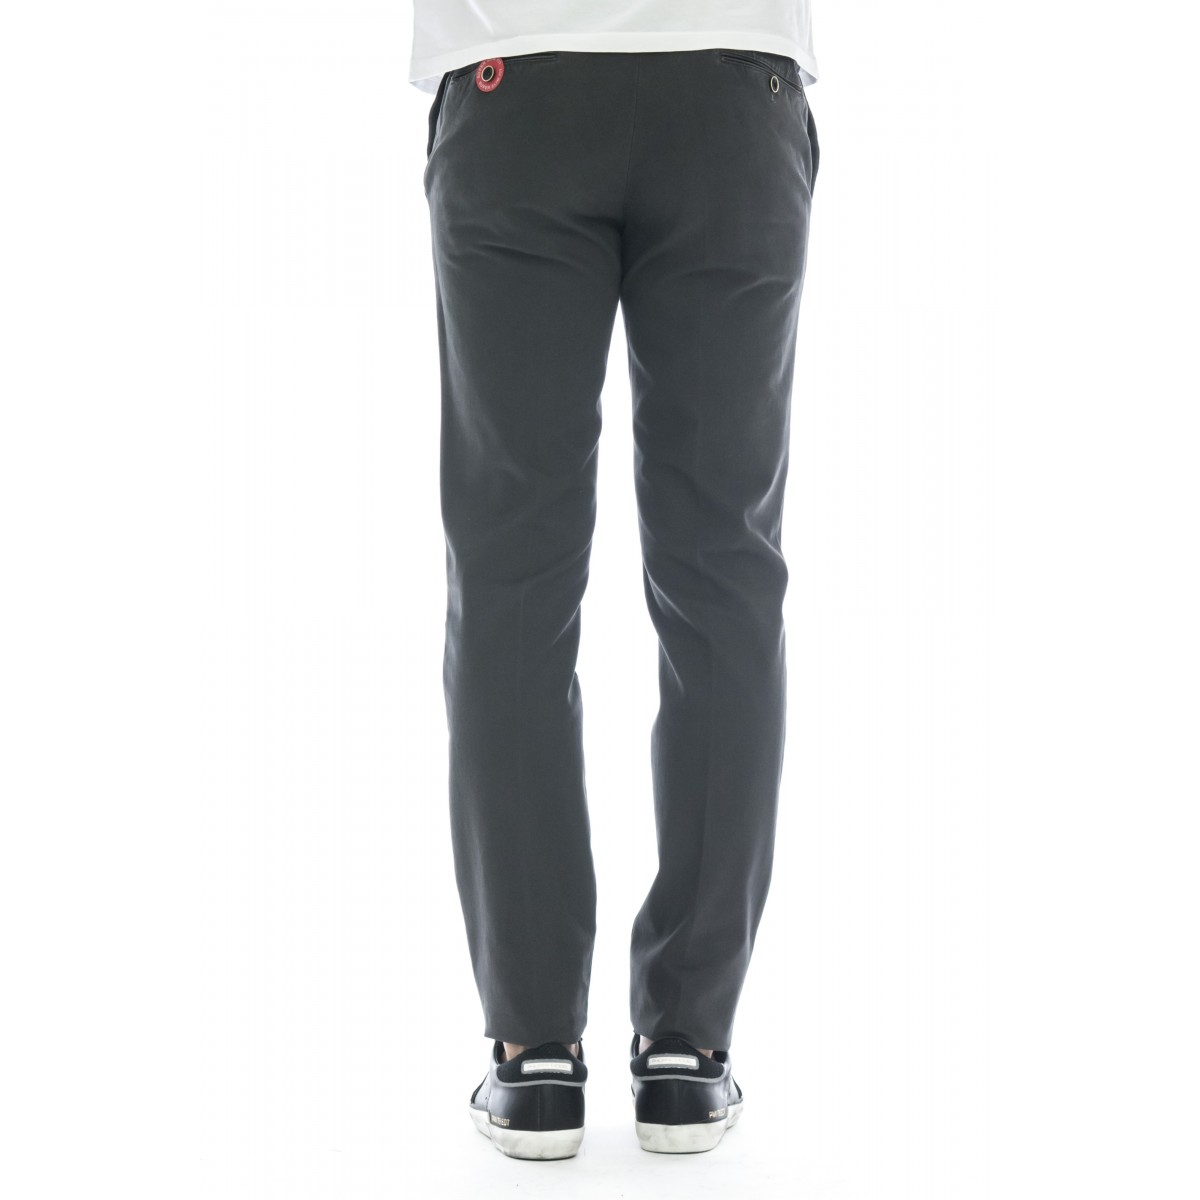 Pantalone uomo - Cpdl01z00he1 tu65v super slim strech